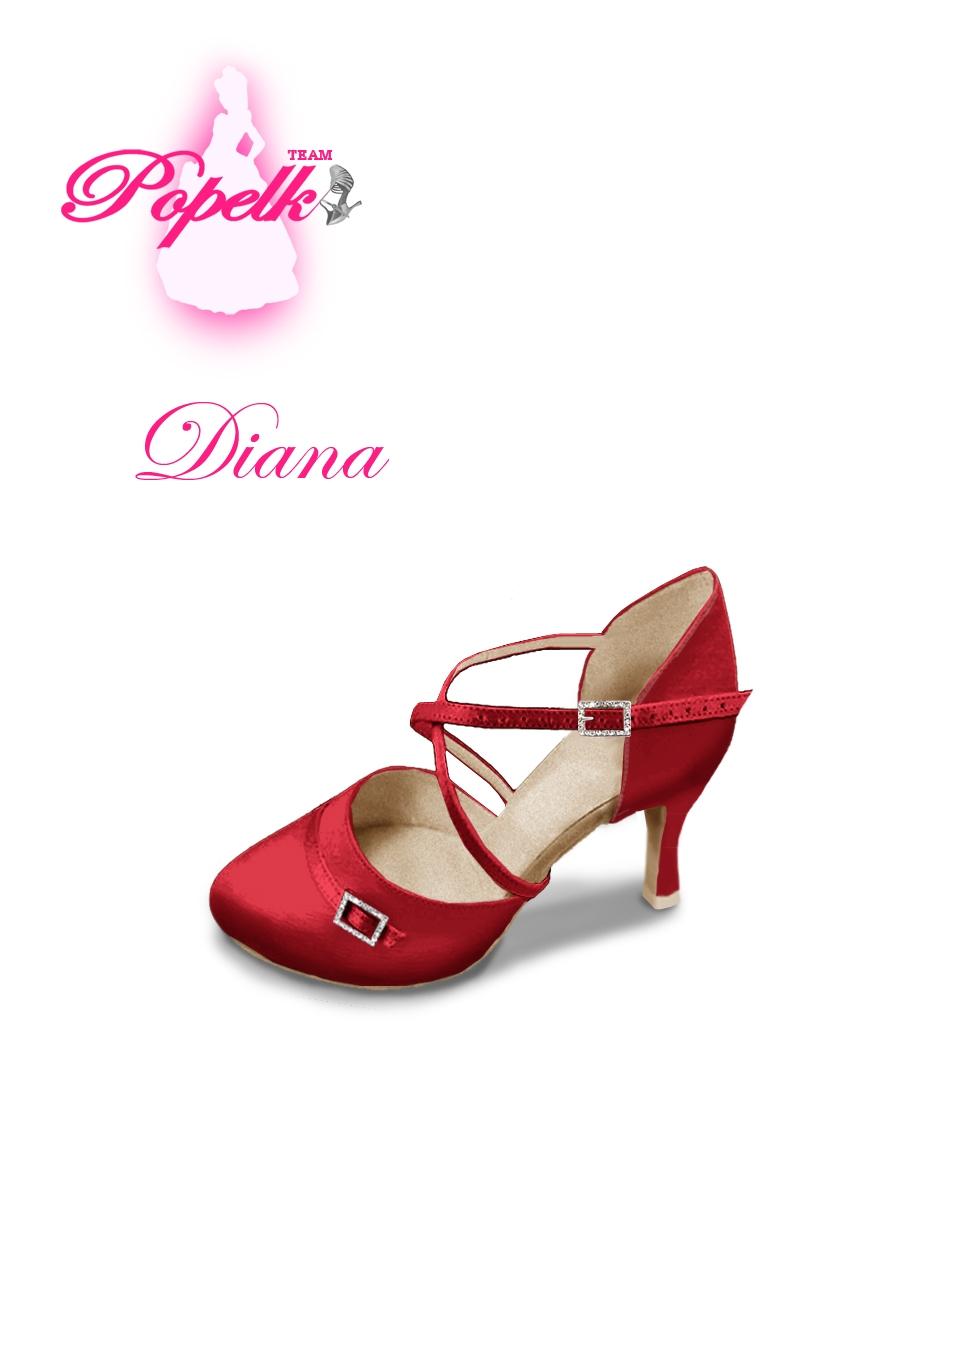 Svadobné topánky s úpravou na želanie - inšpirácie bordó, hnědá, čokoládová - Obrázok č. 8